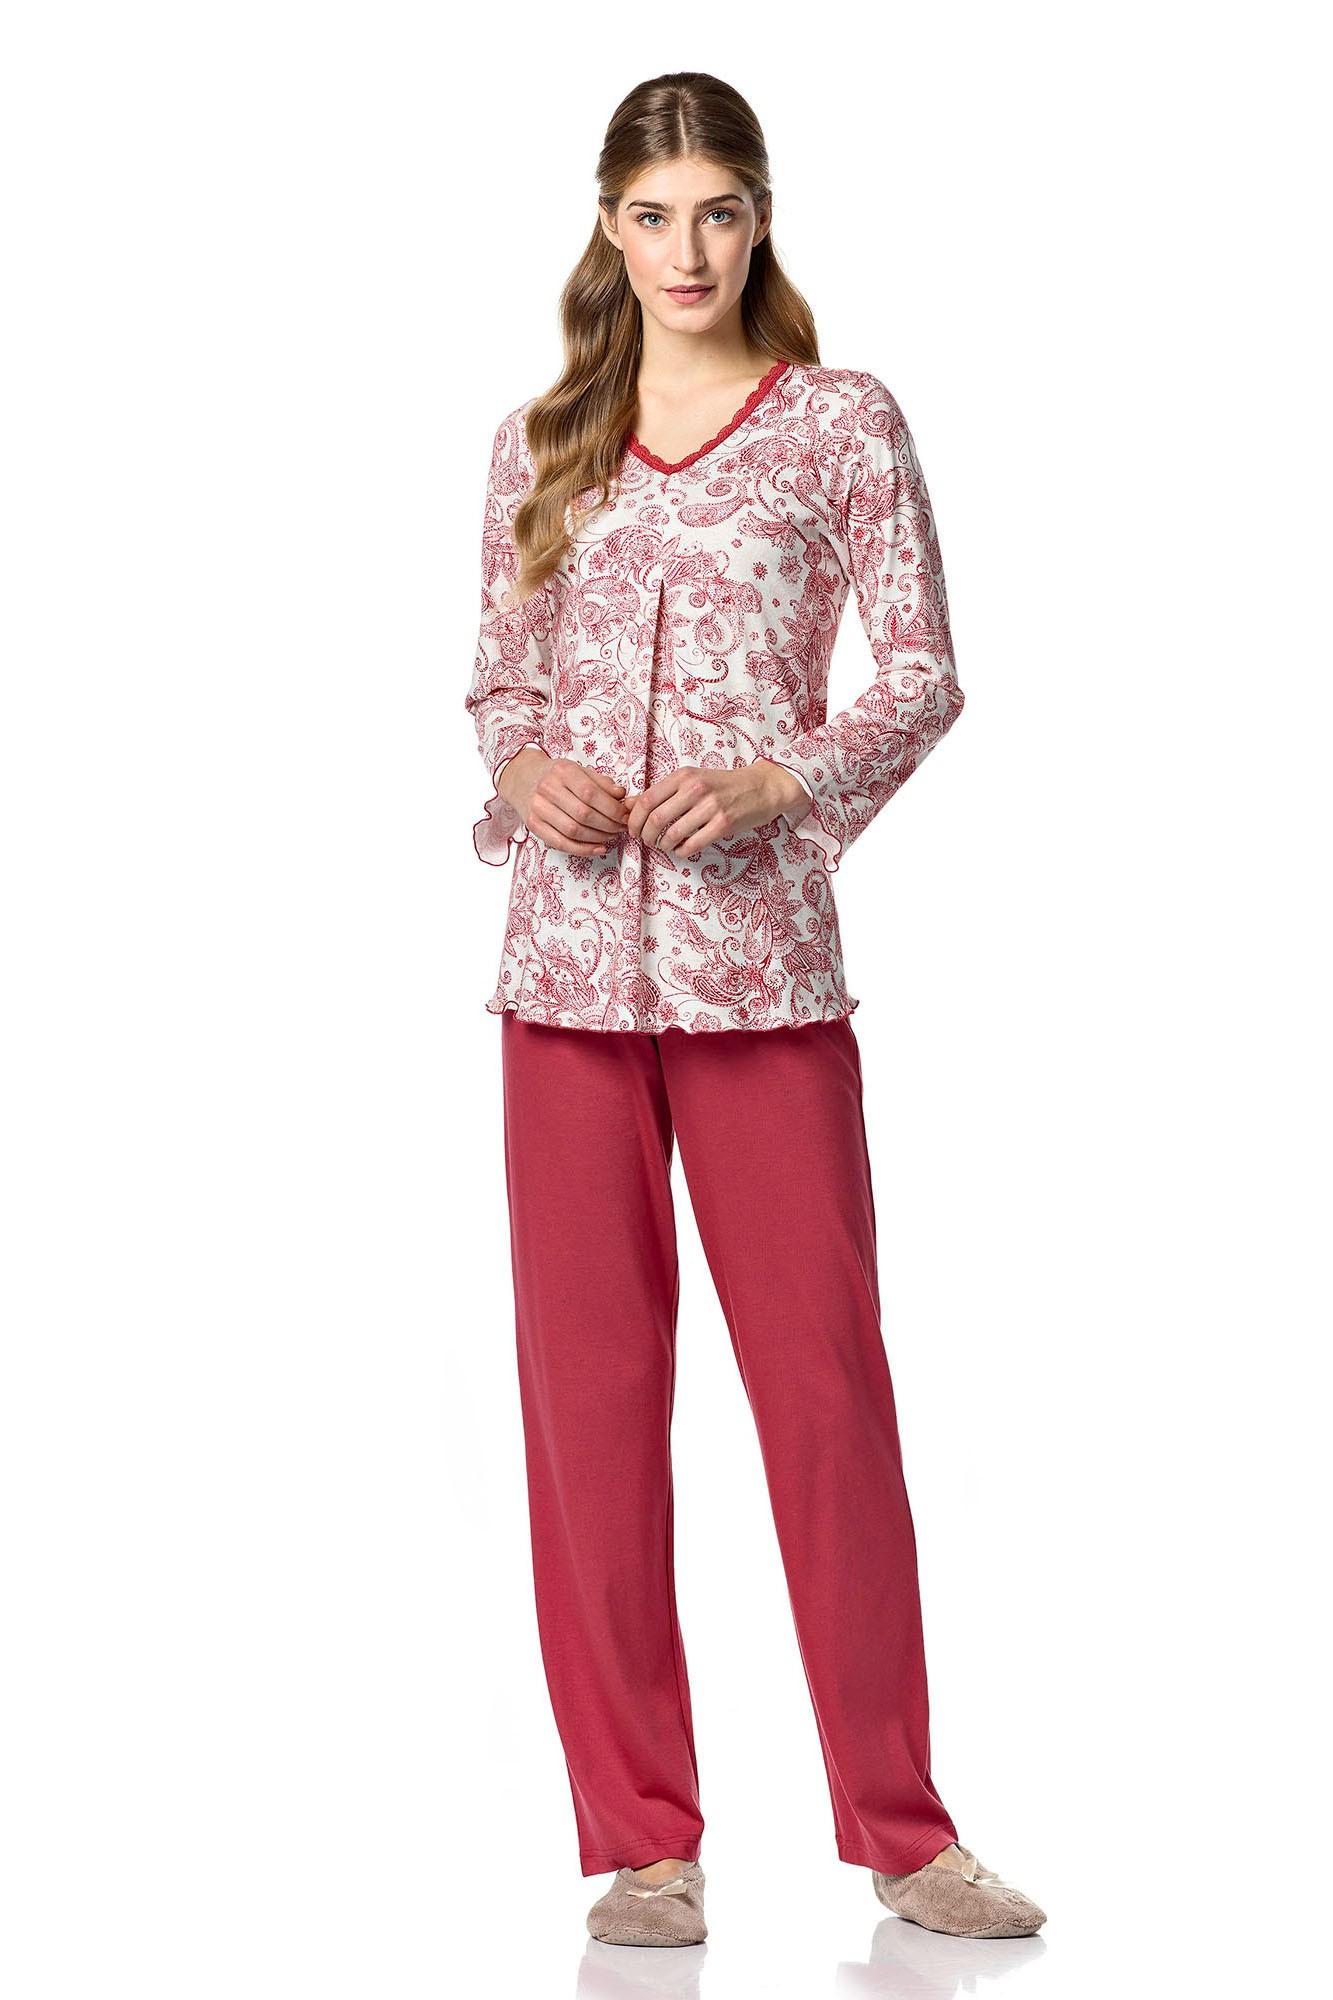 Dámské pyžamo 10-4701 - Vamp Barva: vínová, Velikost: M